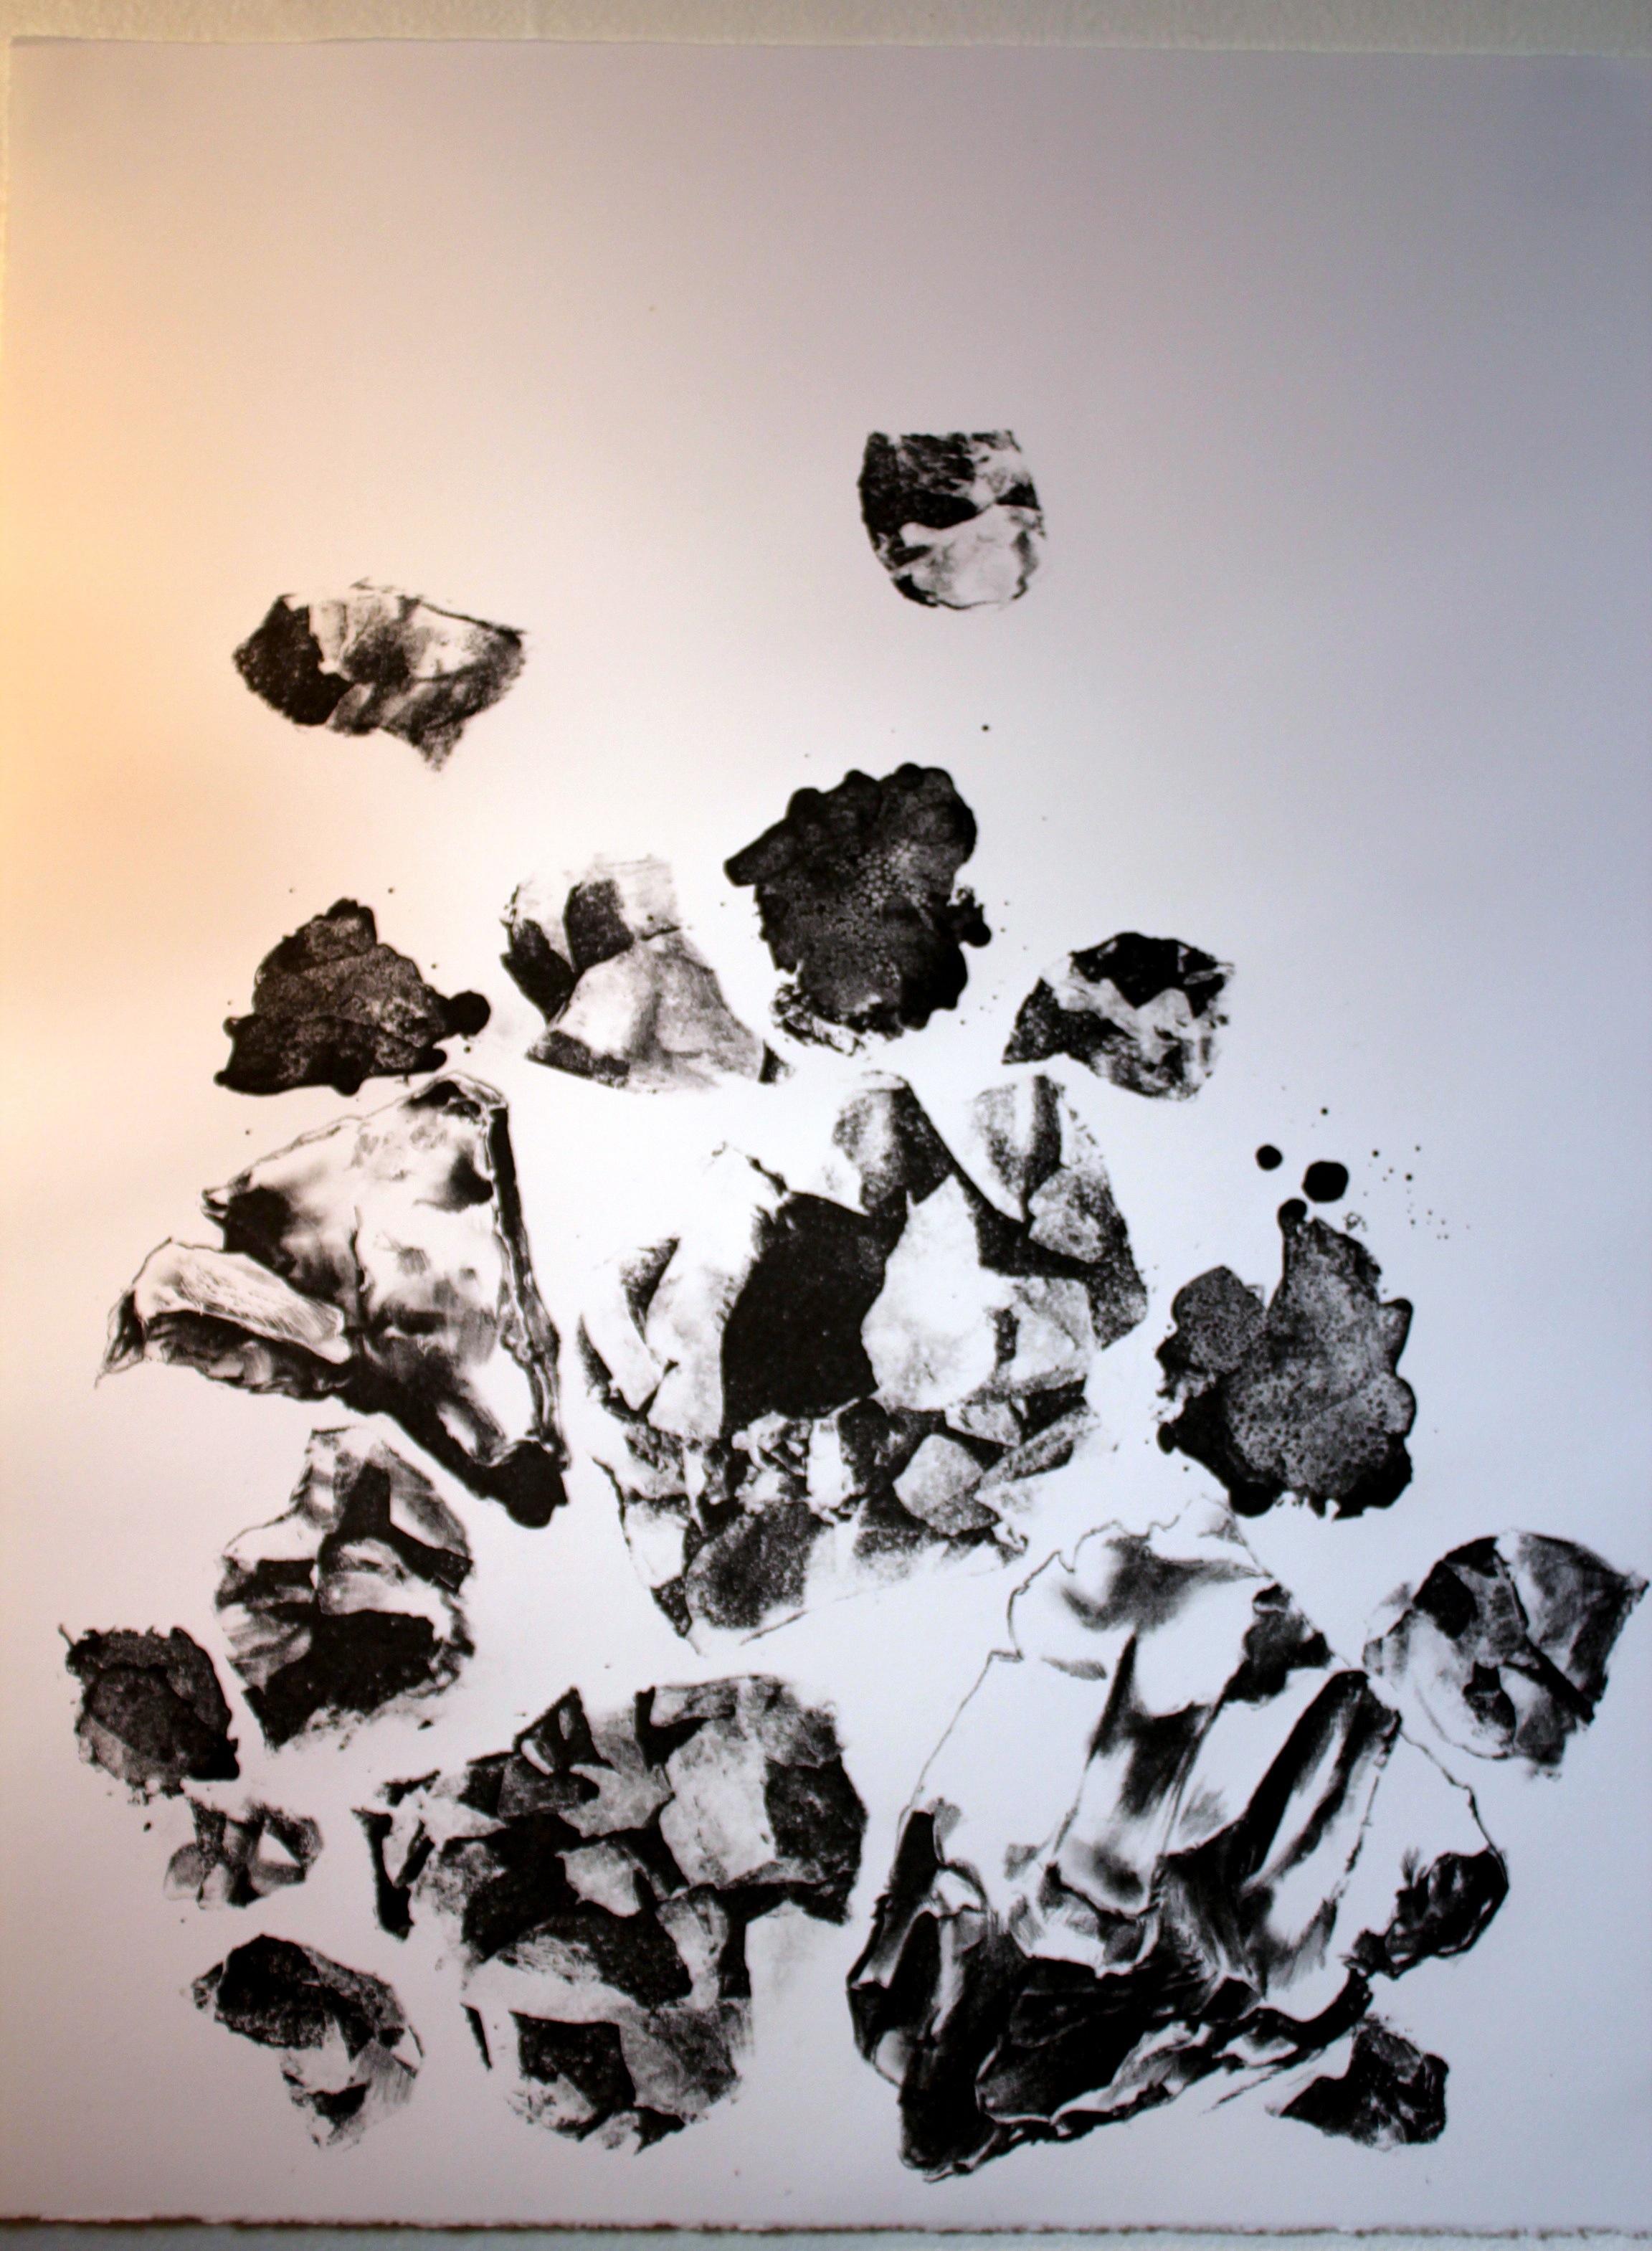 Rock Explosion, 2012